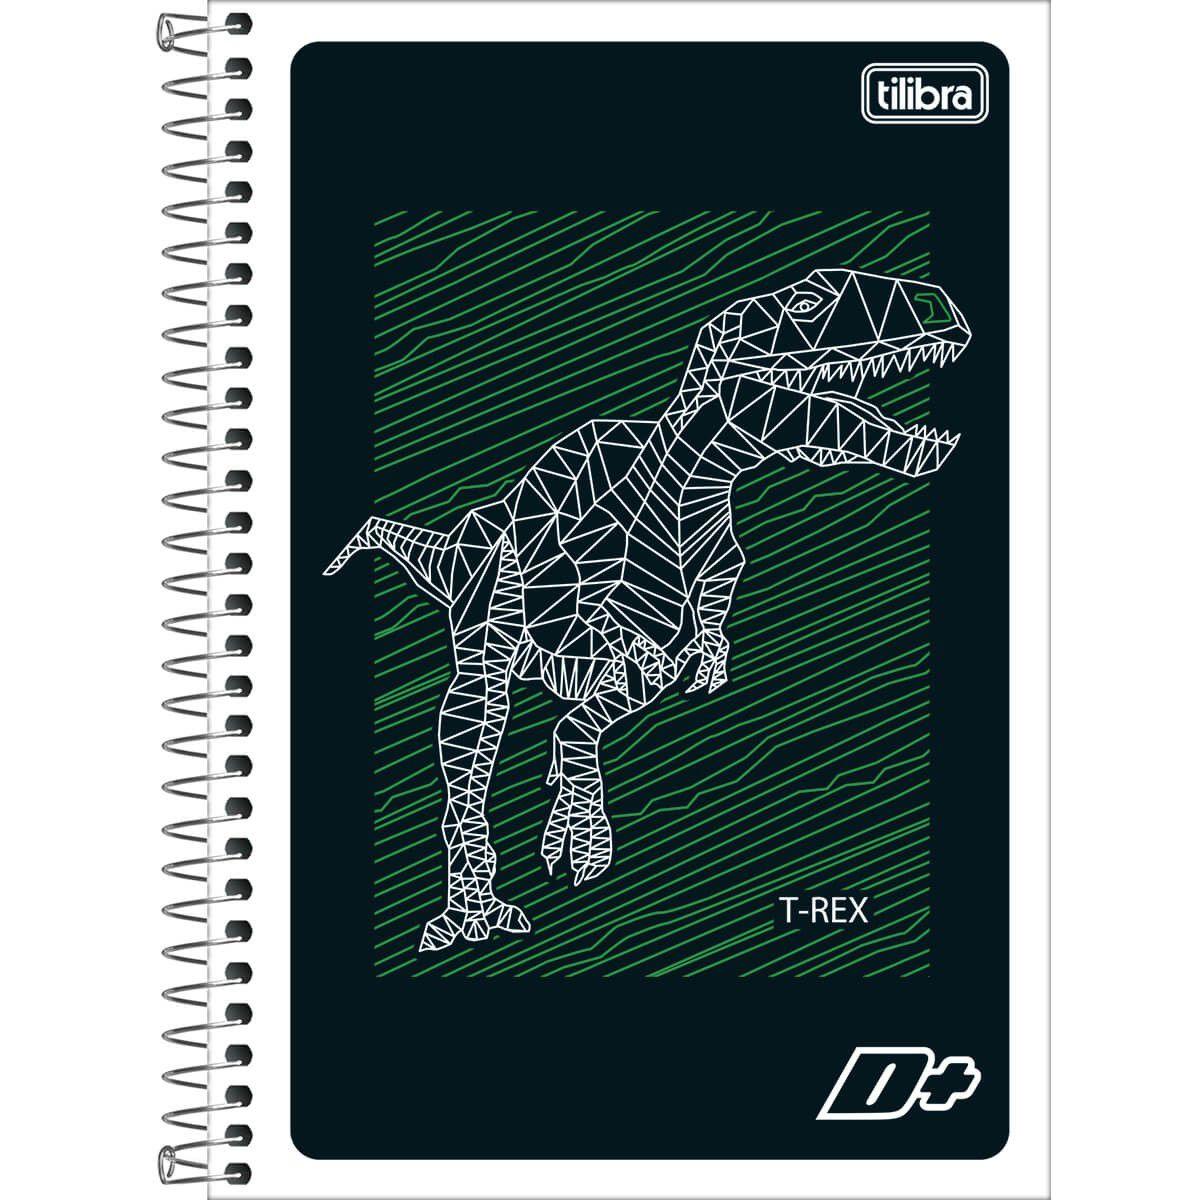 Caderno Mais Espiral 1/4 (Tamanho Pequeno) 96 Folhas Capa Sortida 114766 Tilibra 11950